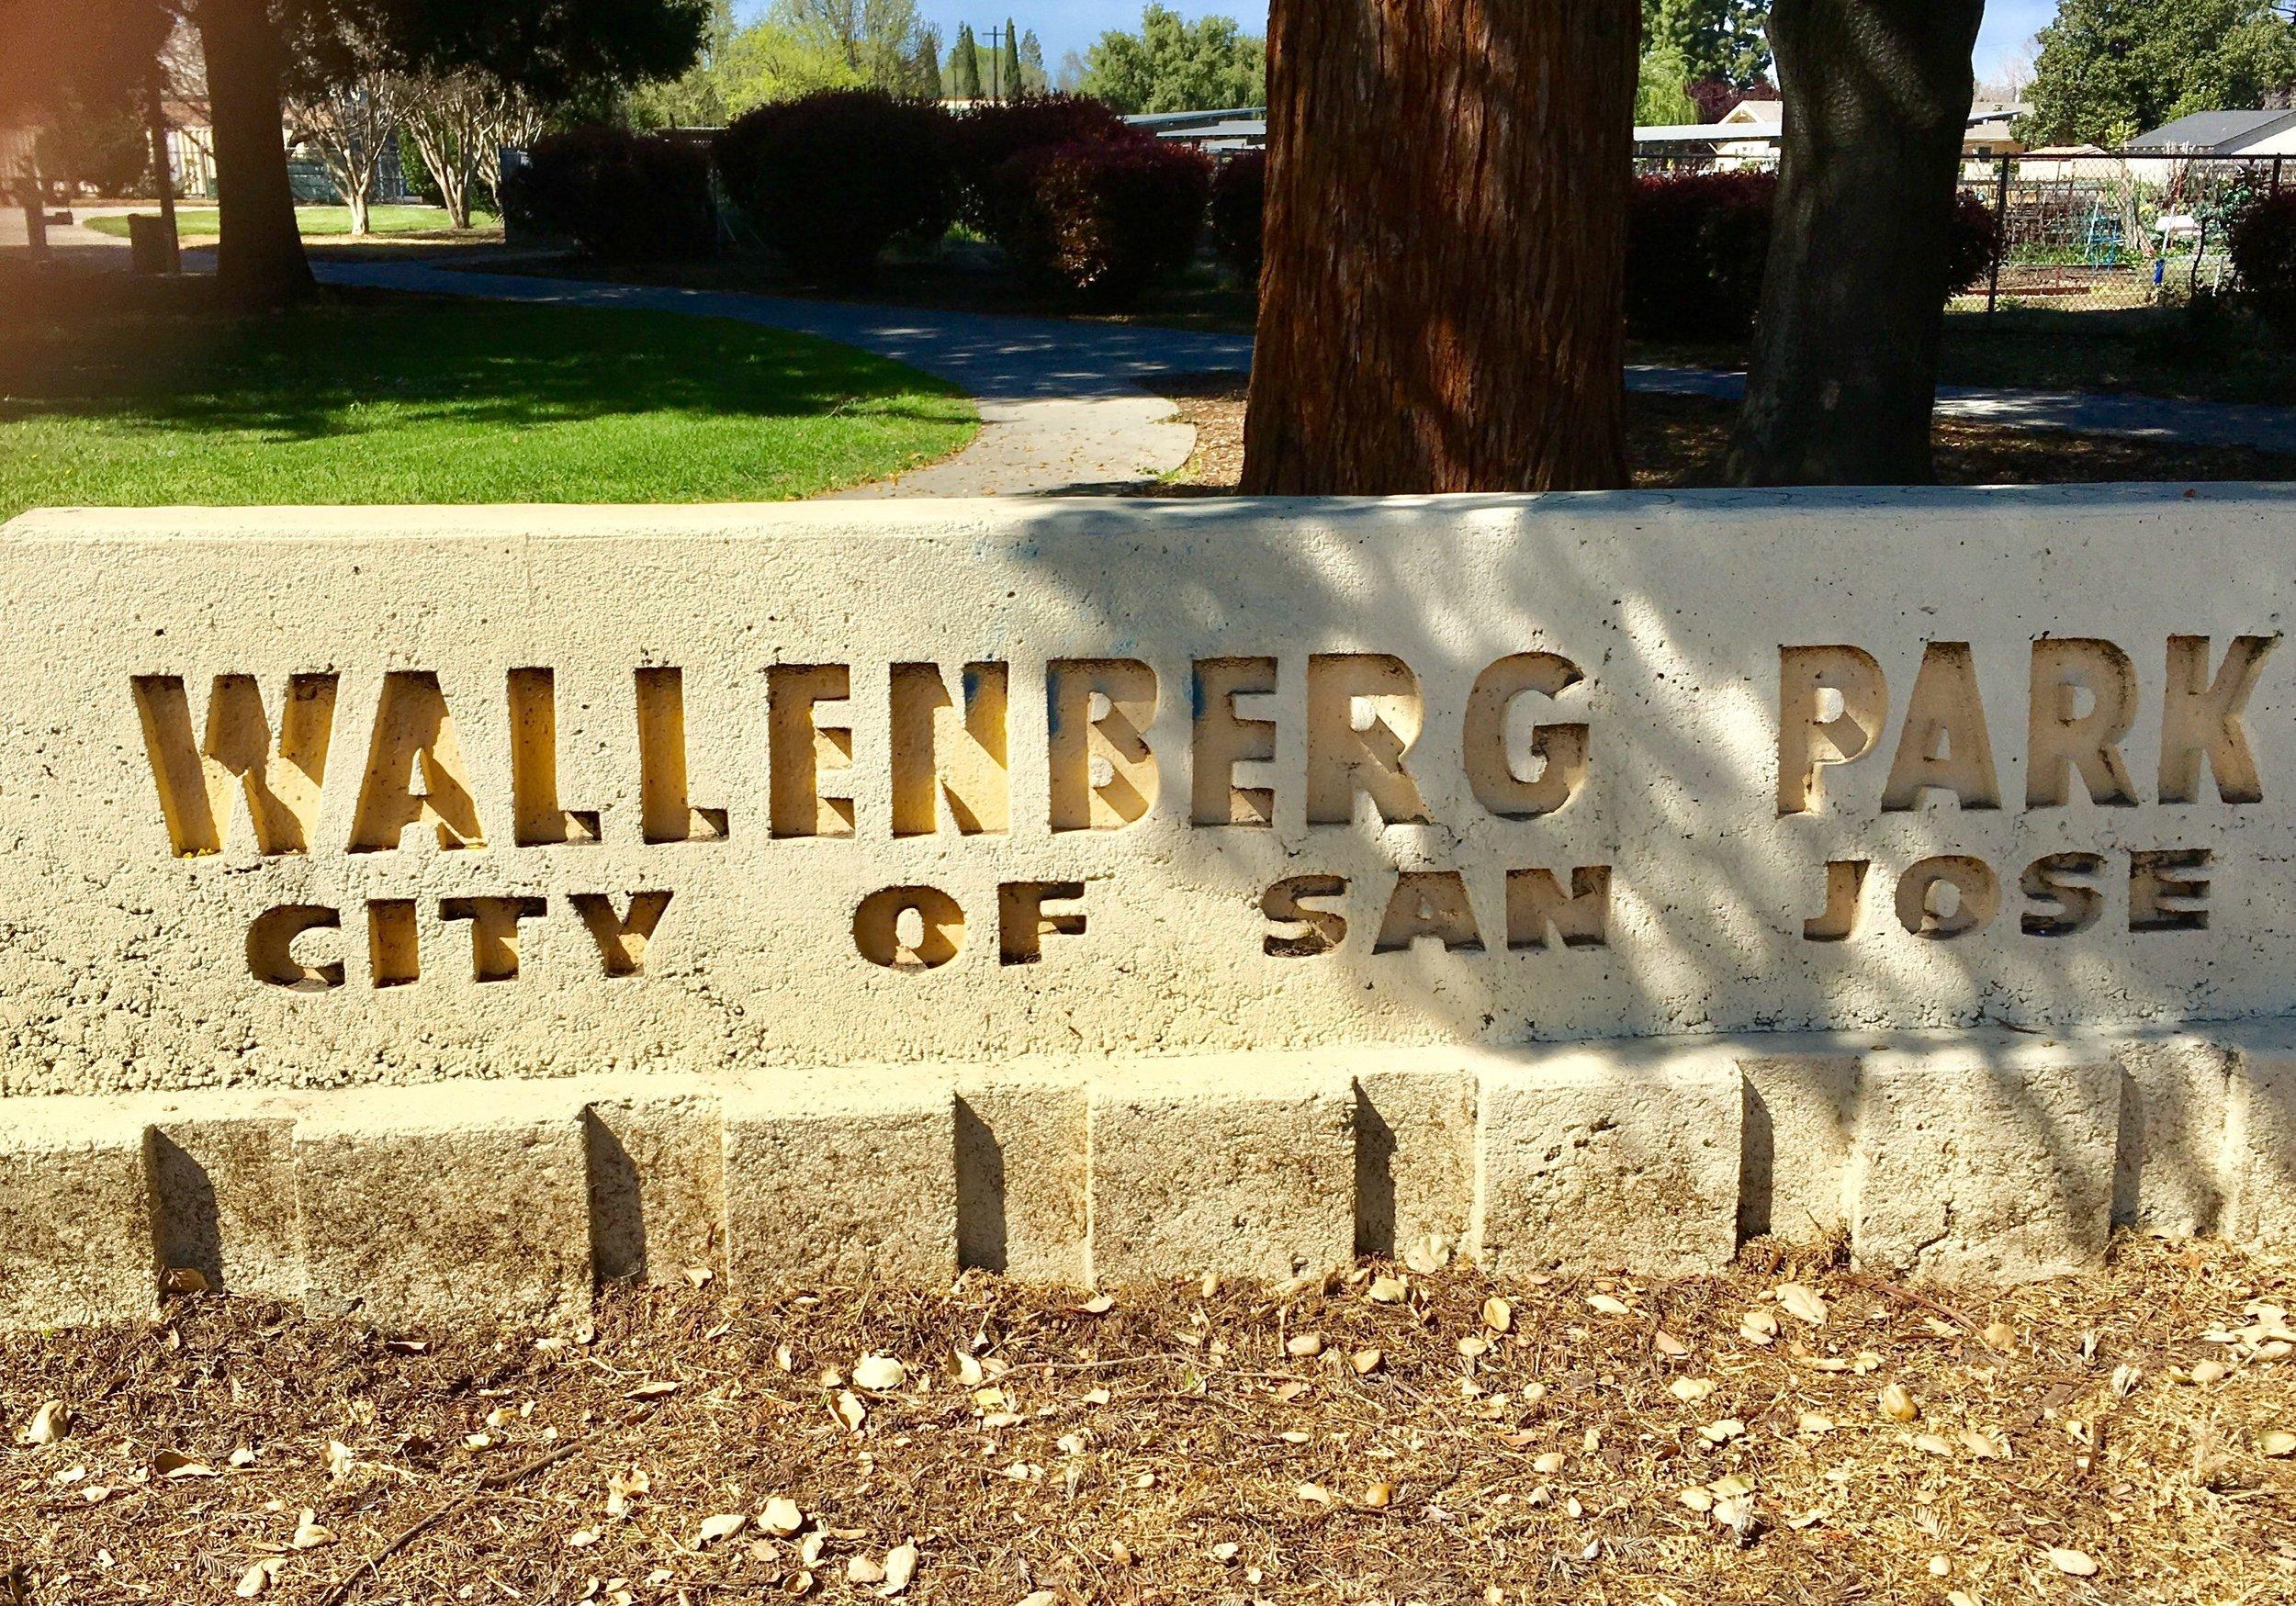 Wallenberg Park & Community Garden   Curtner & Cottle Avenue  San Jose, CA 95125   Información Adicional